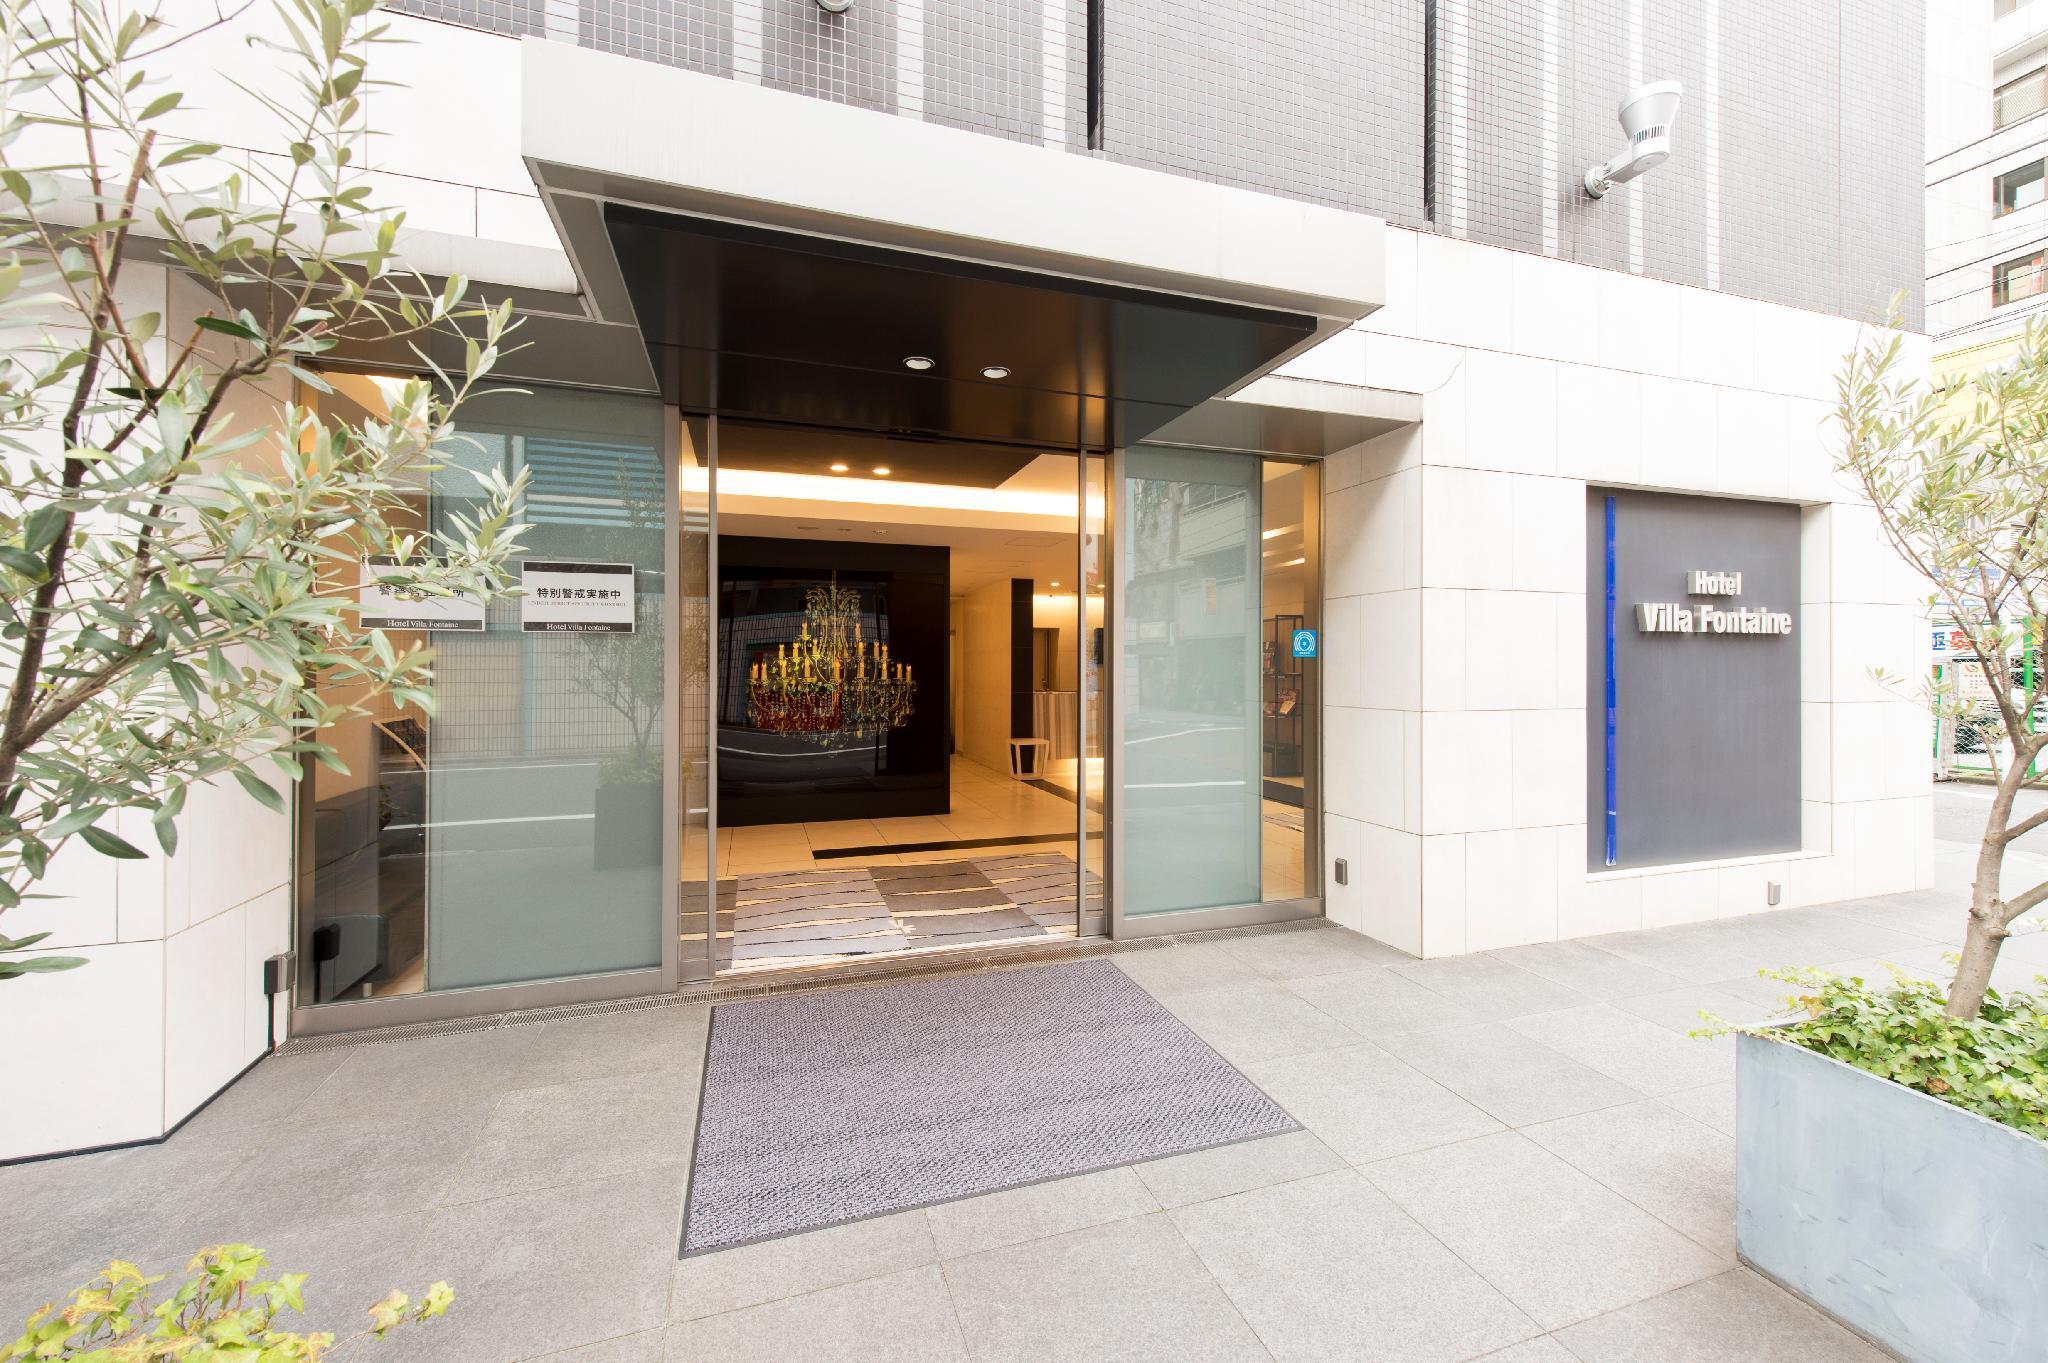 Hotel Villa Fontaine Tokyo Shinjuku